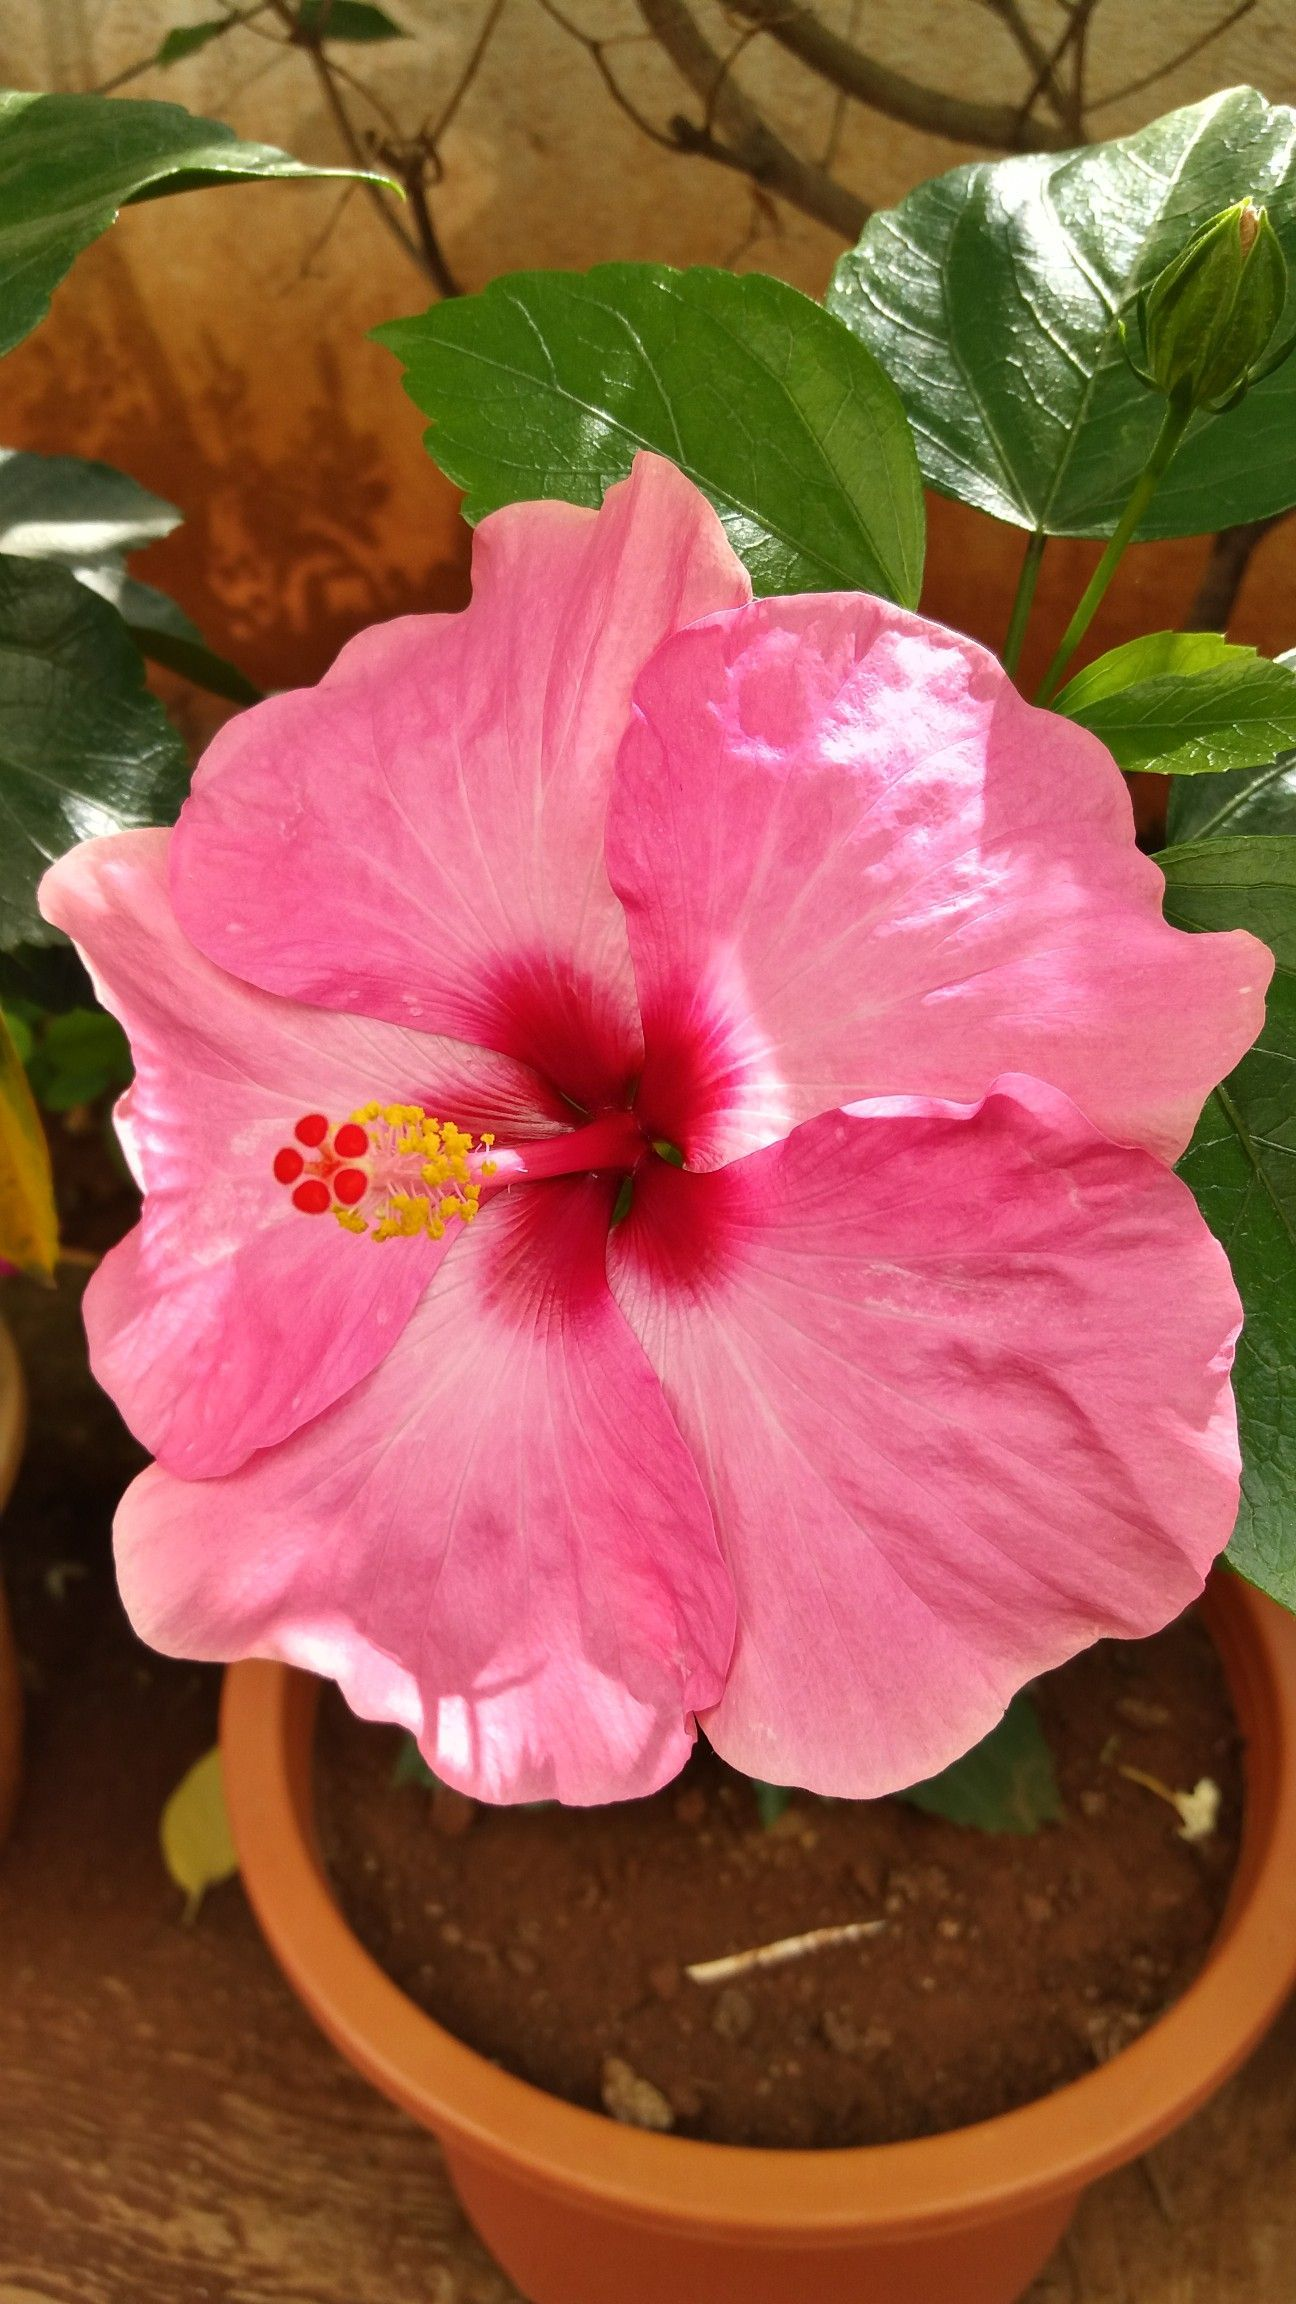 Hibiscus. Home Garden. Pune. India. 24.04.2018. Hibiscus